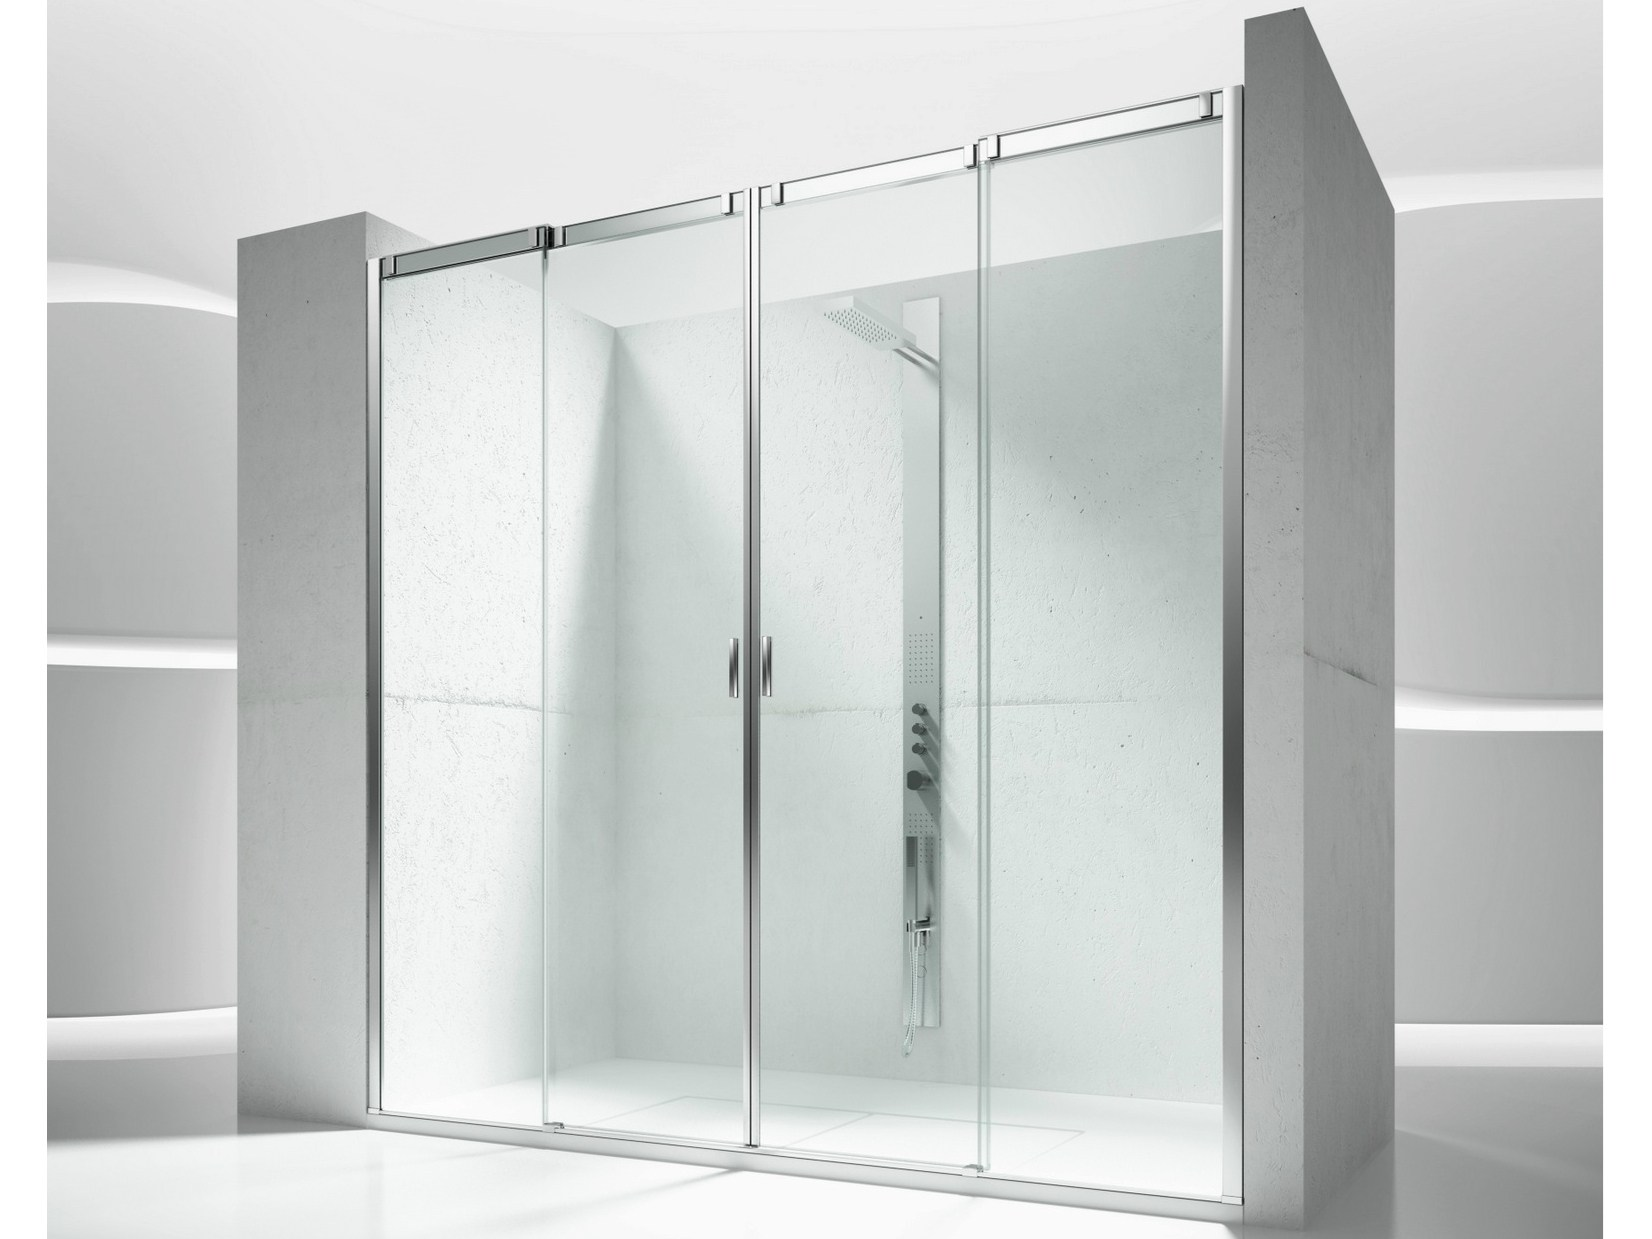 Duchas con puertas de vidrio great vidrio templado slice for Puerta corrediza para ducha